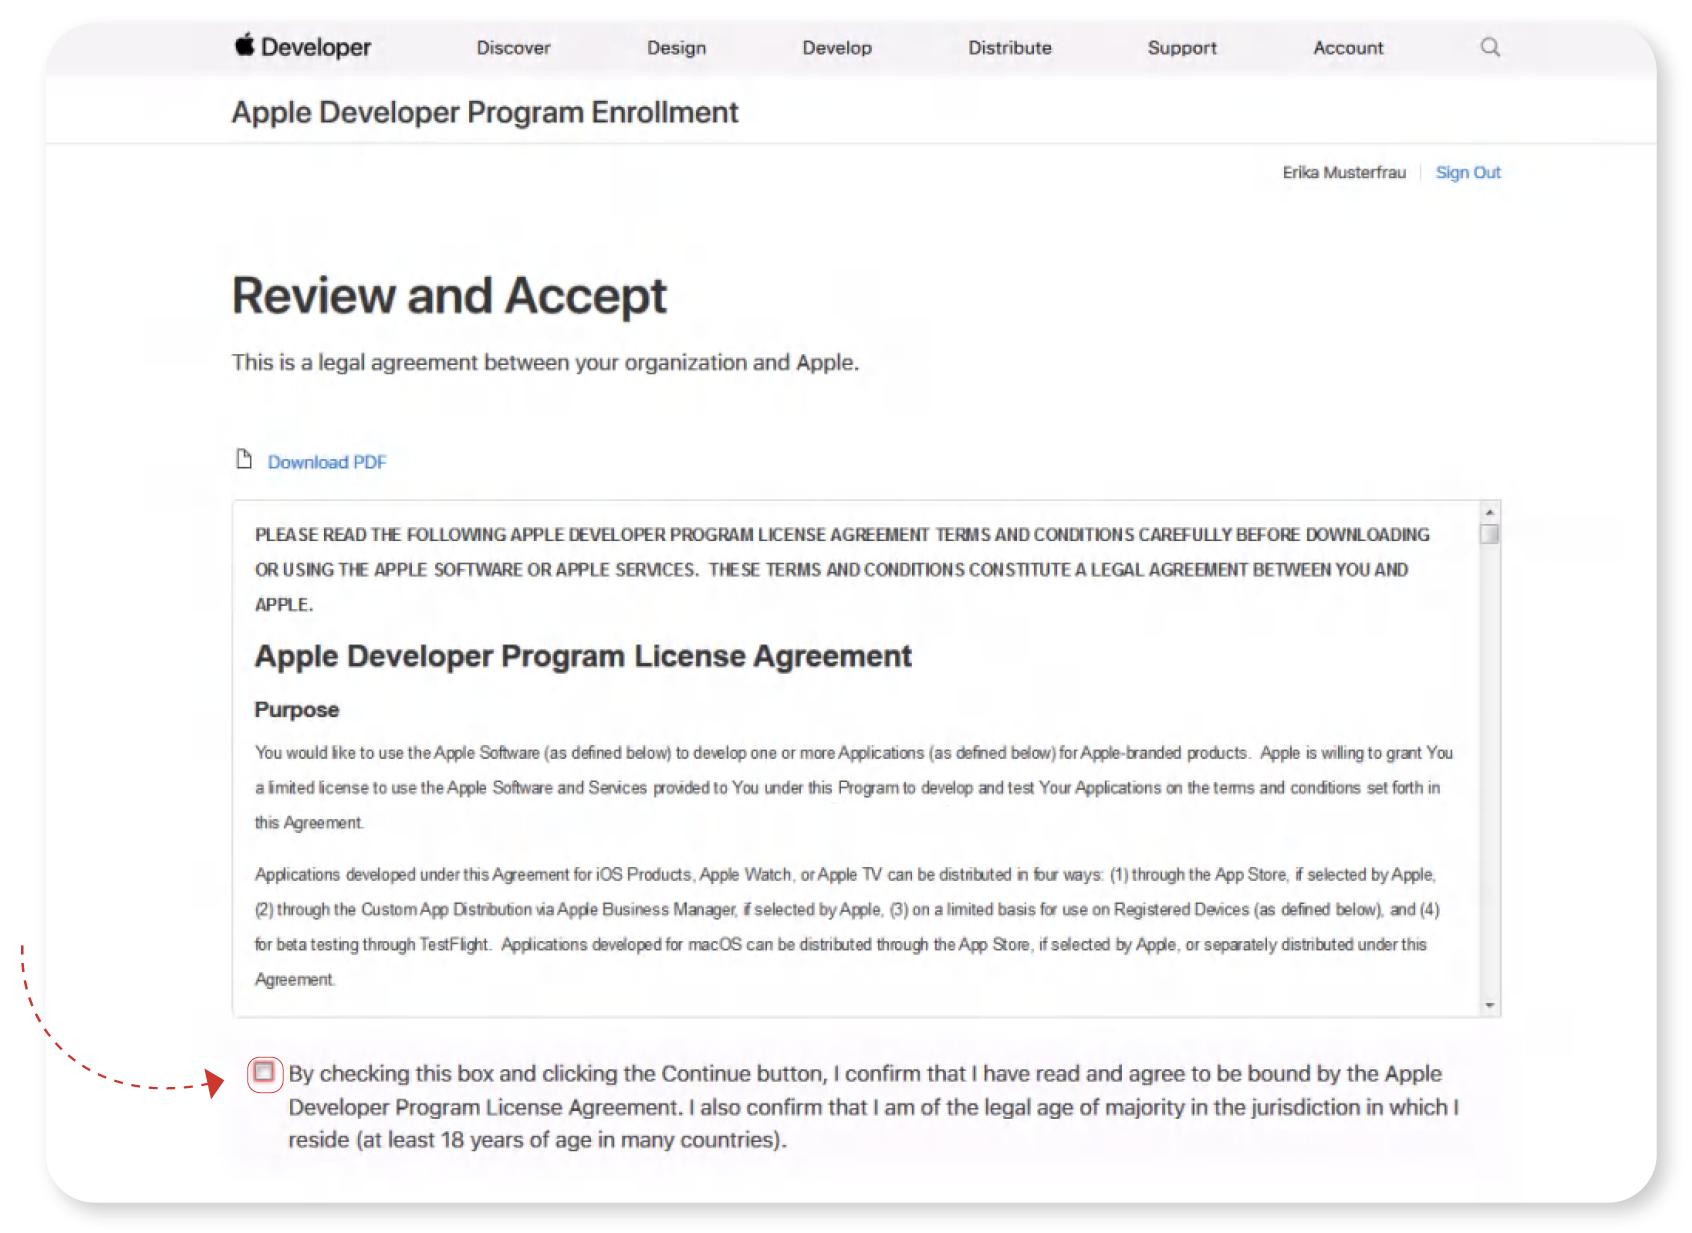 Apple Developer Program License Agreement